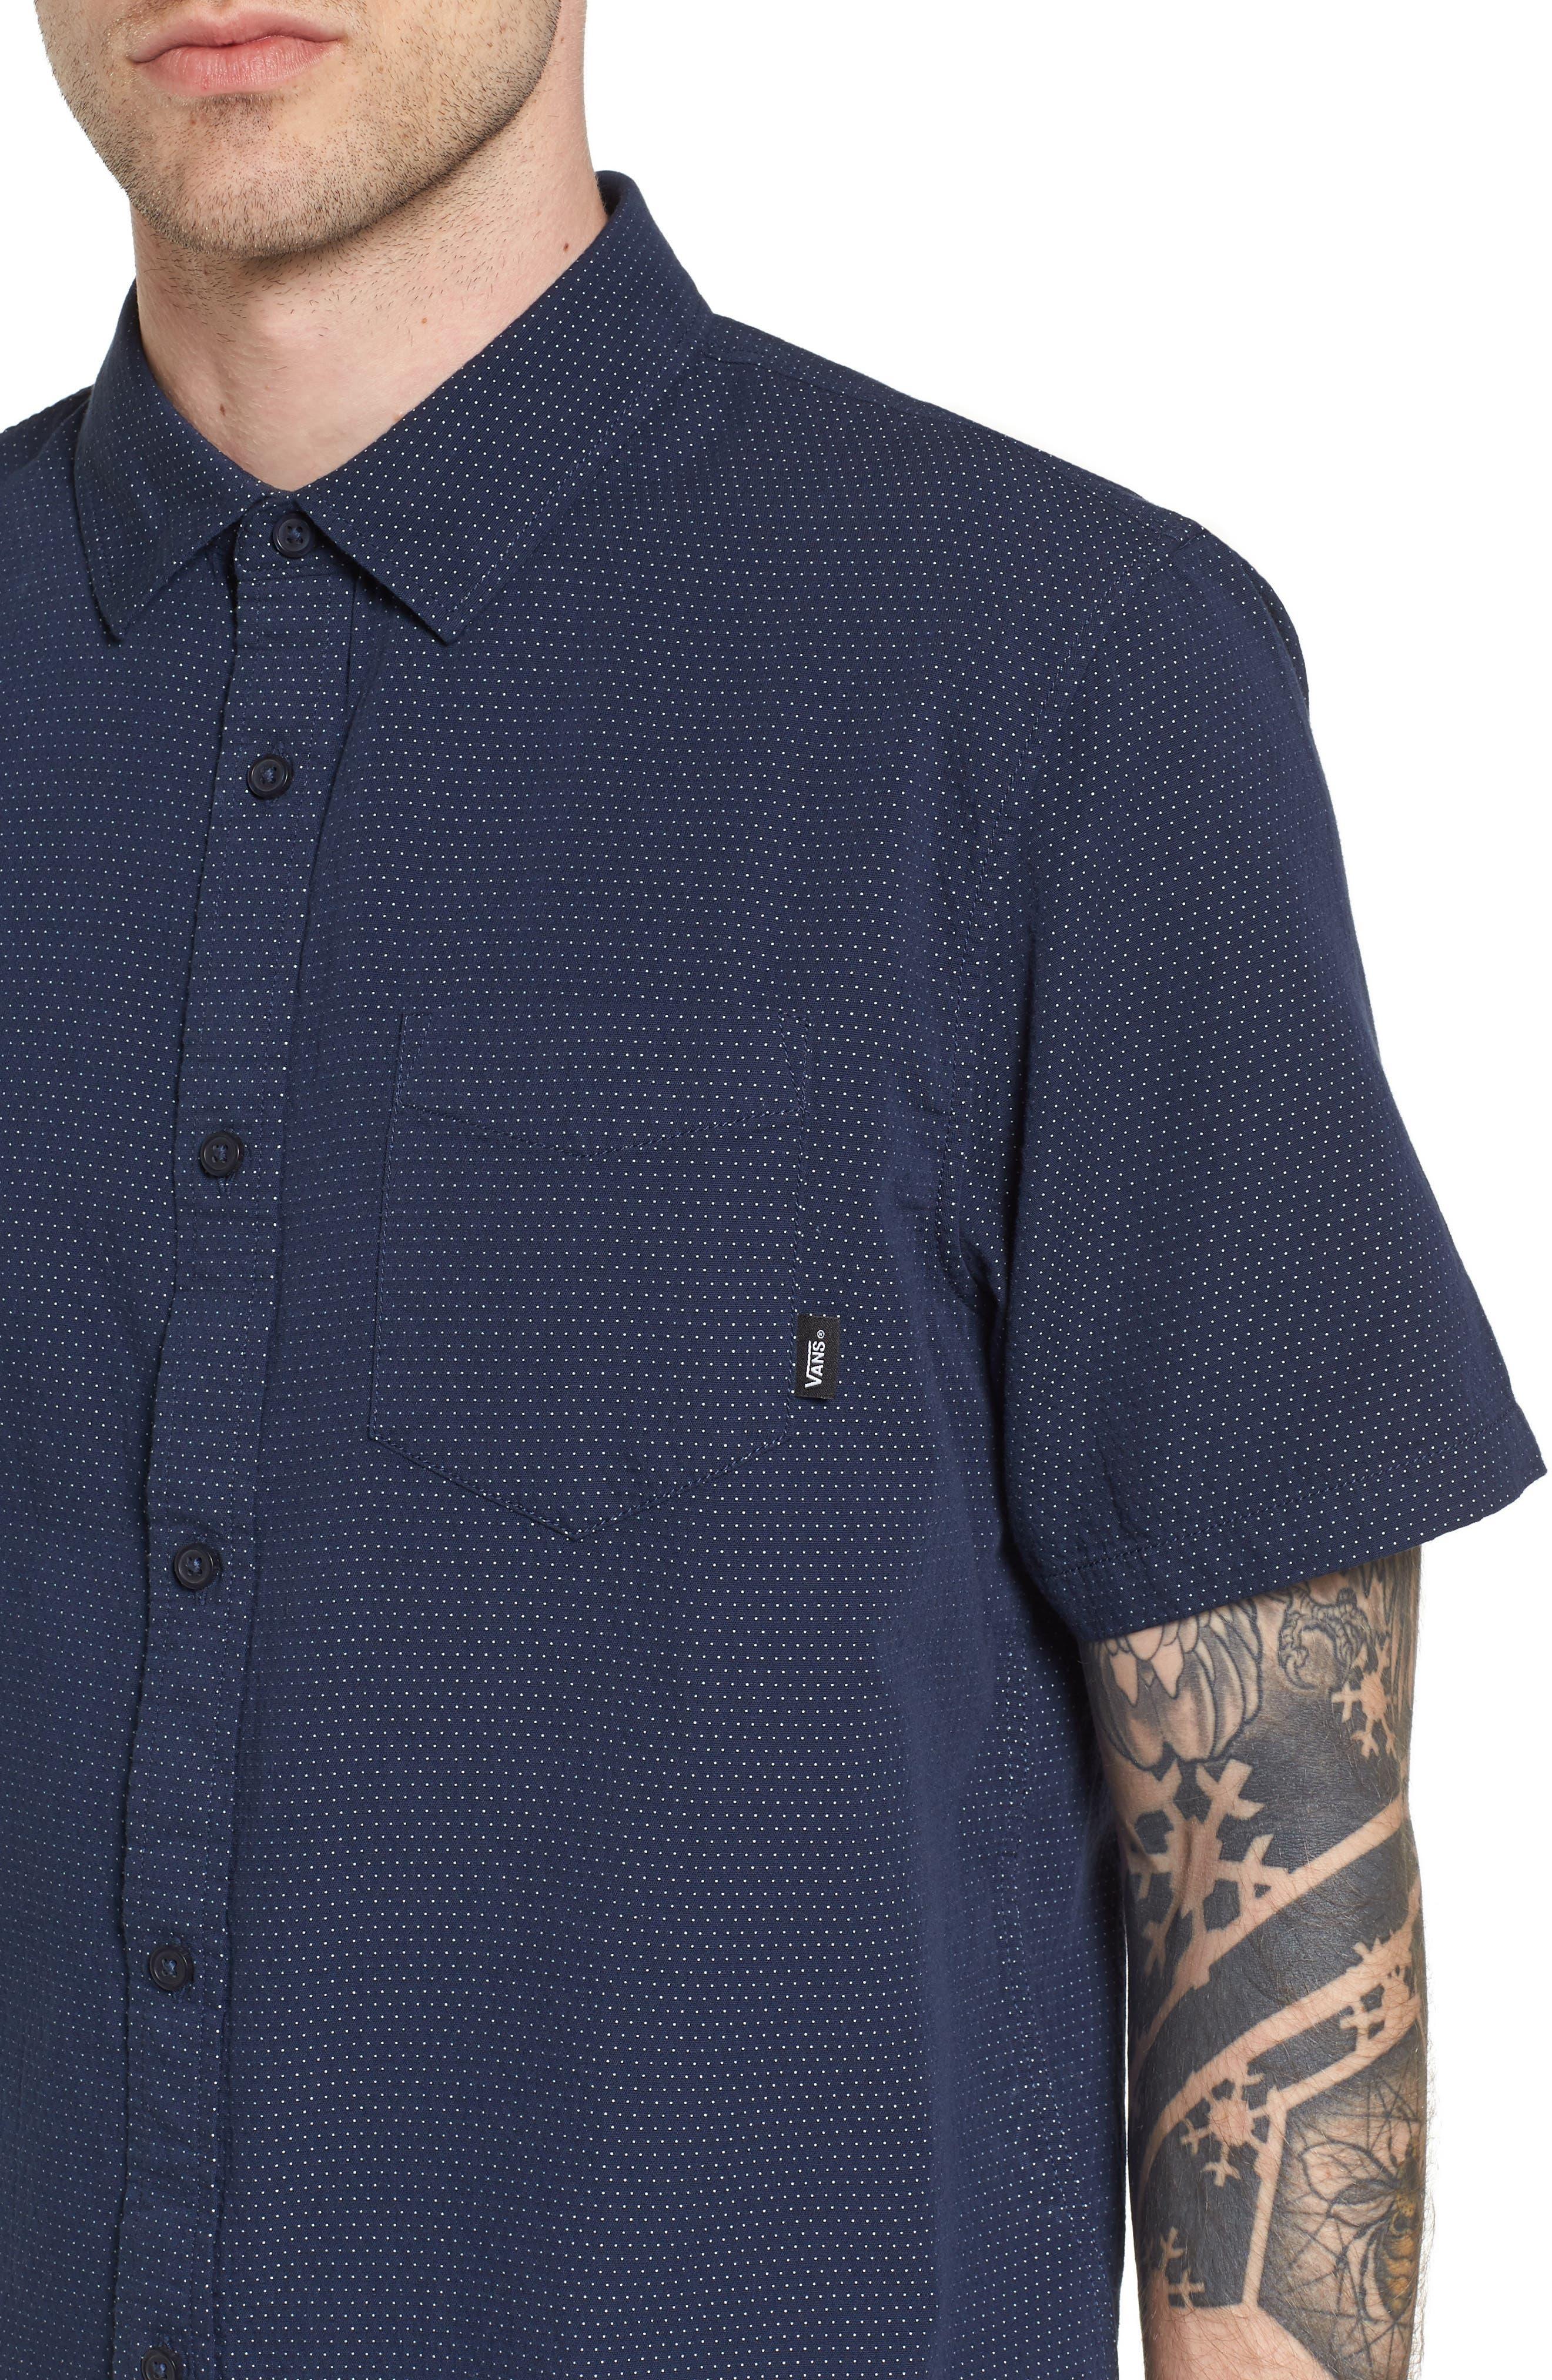 Giddings Short Sleeve Shirt,                             Alternate thumbnail 4, color,                             401